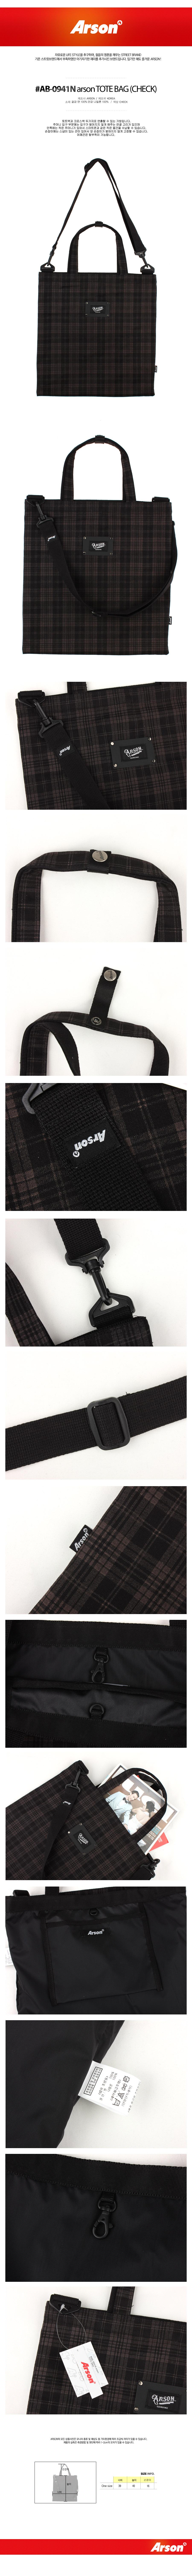 [ ARSON ] ARSON AB-0941N TOTE BAG (CHECK)